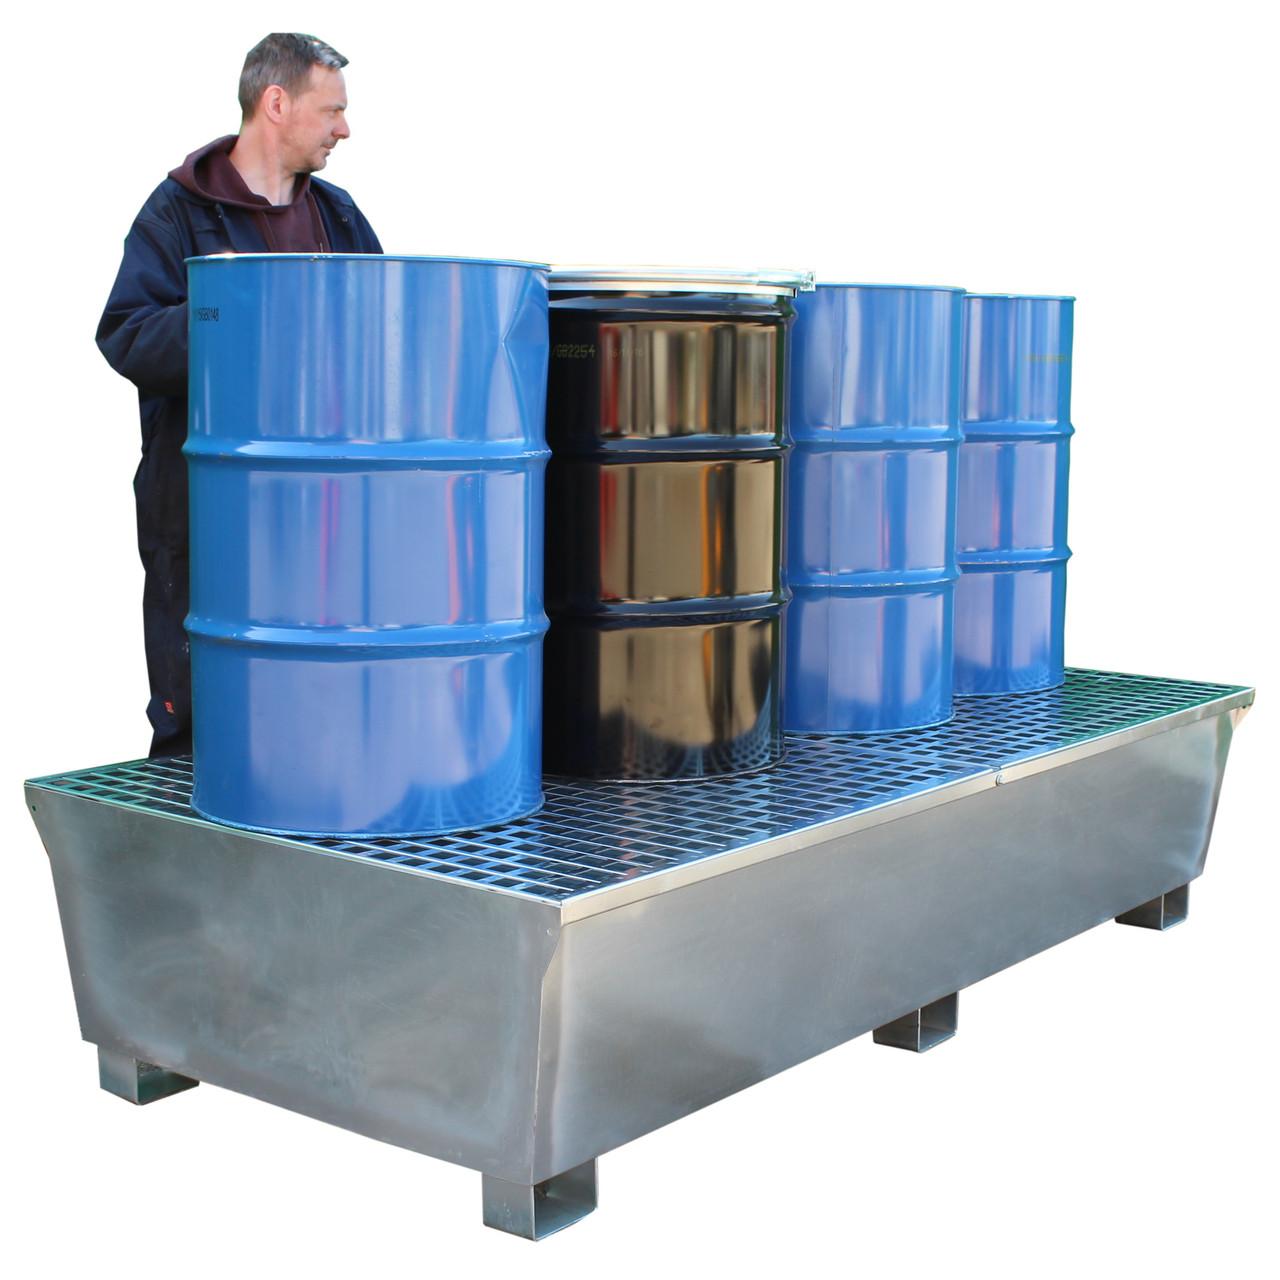 GSP8D 1100ltr Galvanised Steel 8 Drum Spill Pallet Bund Stand801.95